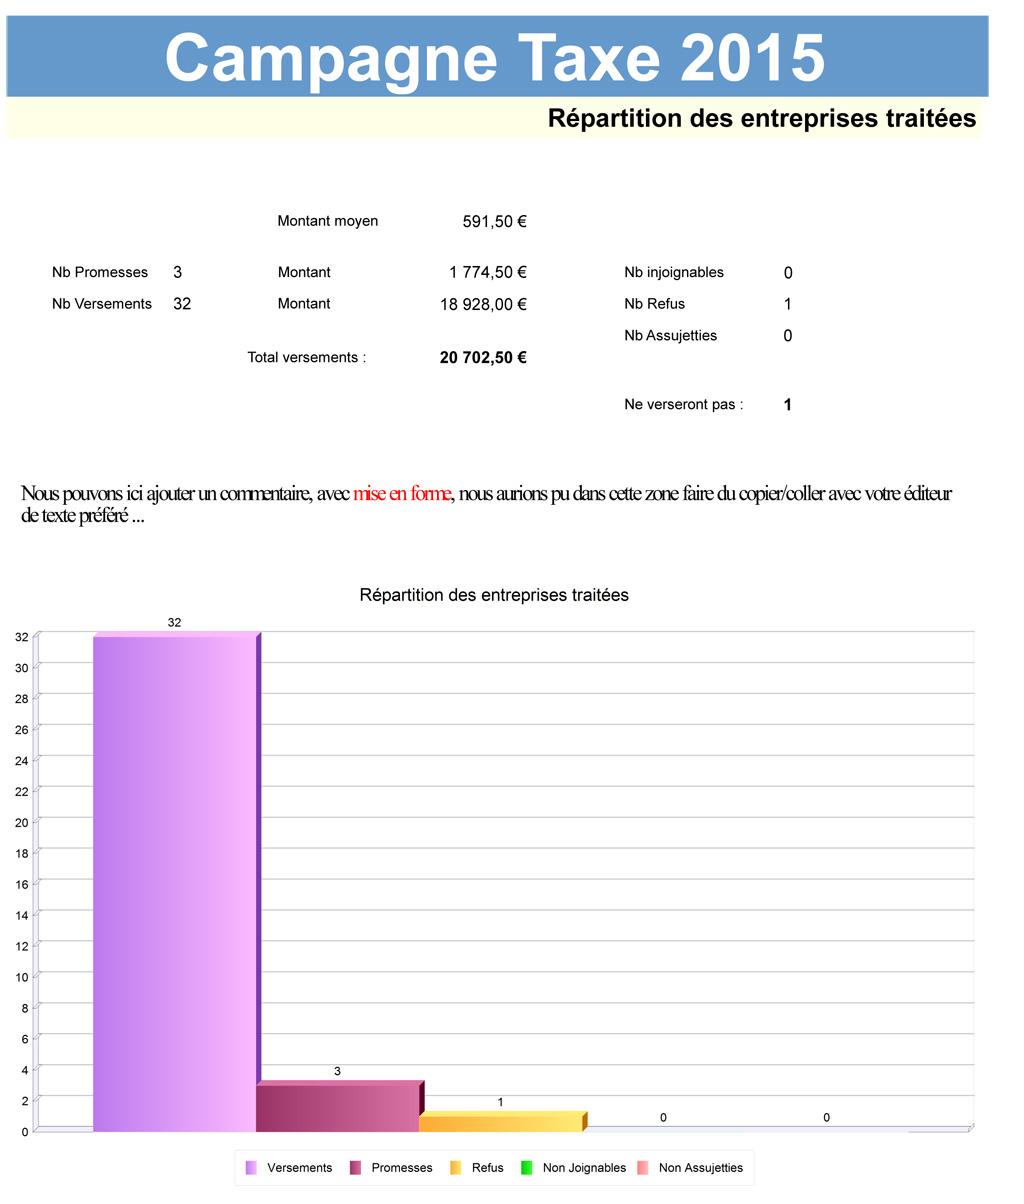 logiciel_taxe_d_apprentissage_rapport_repartition_des_entreprises_traitees